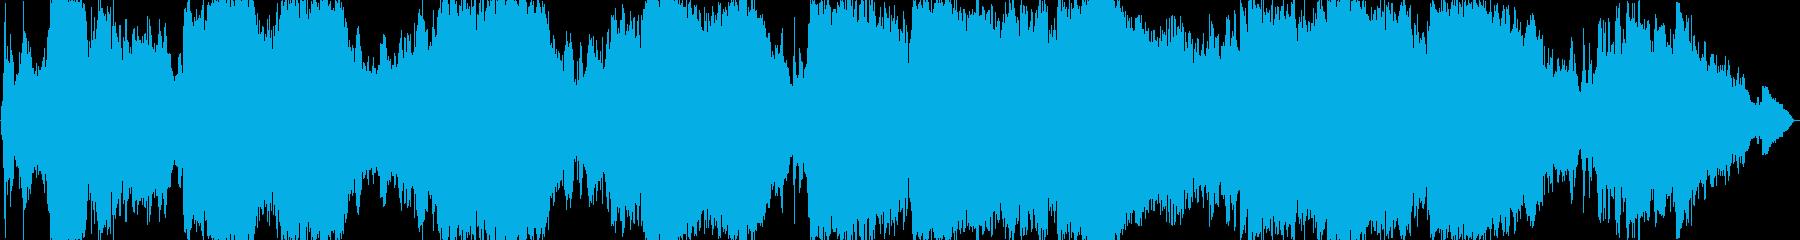 怪談・世にも奇妙なBGM 不気味の再生済みの波形